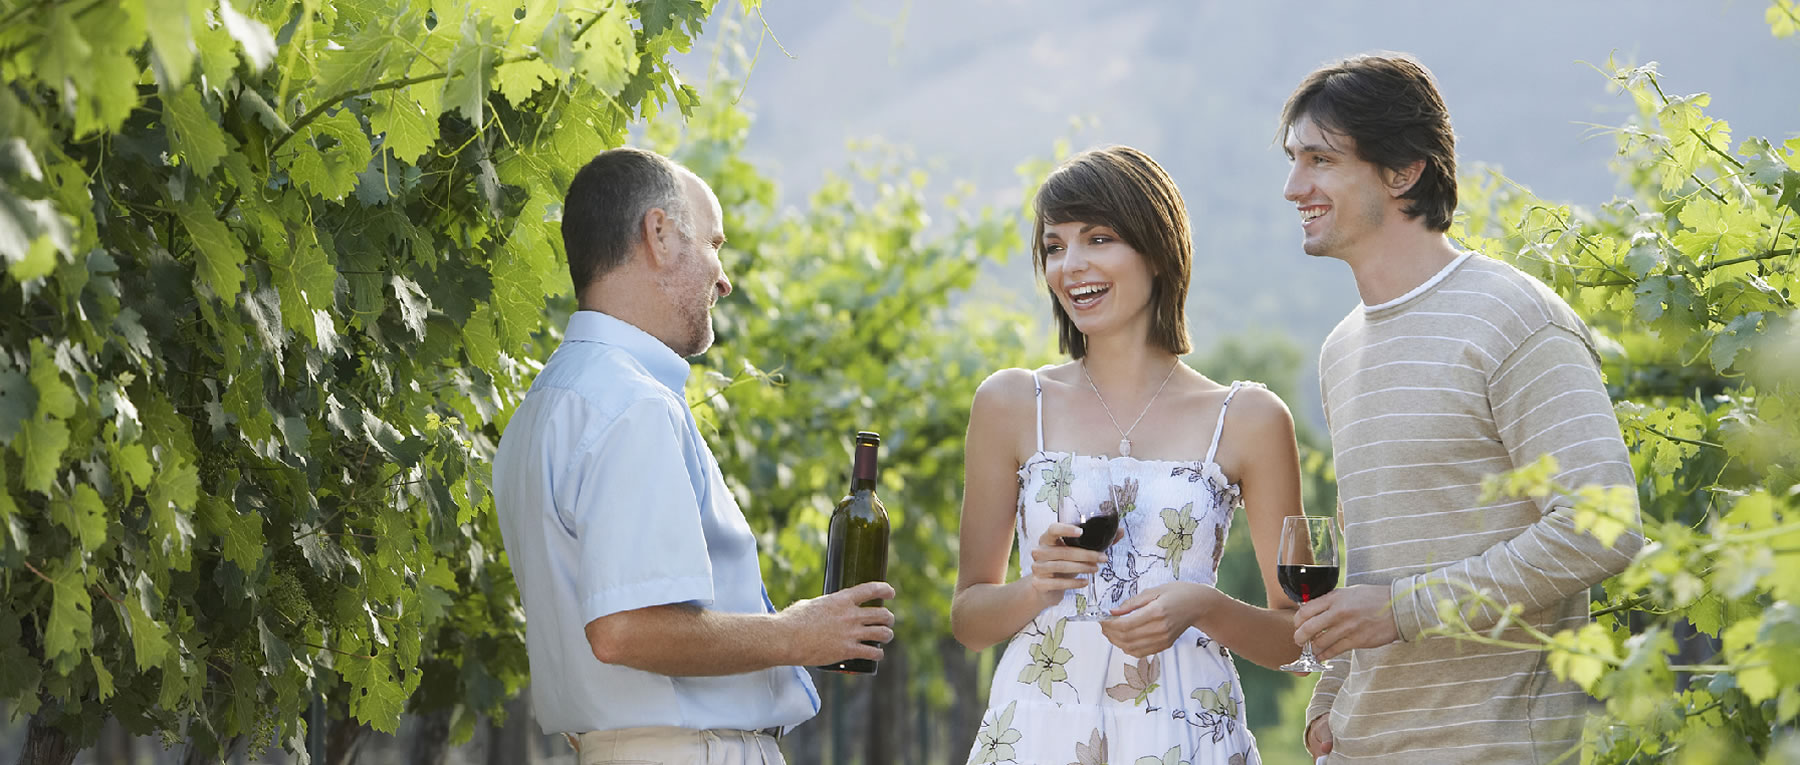 Shortlist Marketing & Tours   Visit Yarra Valley